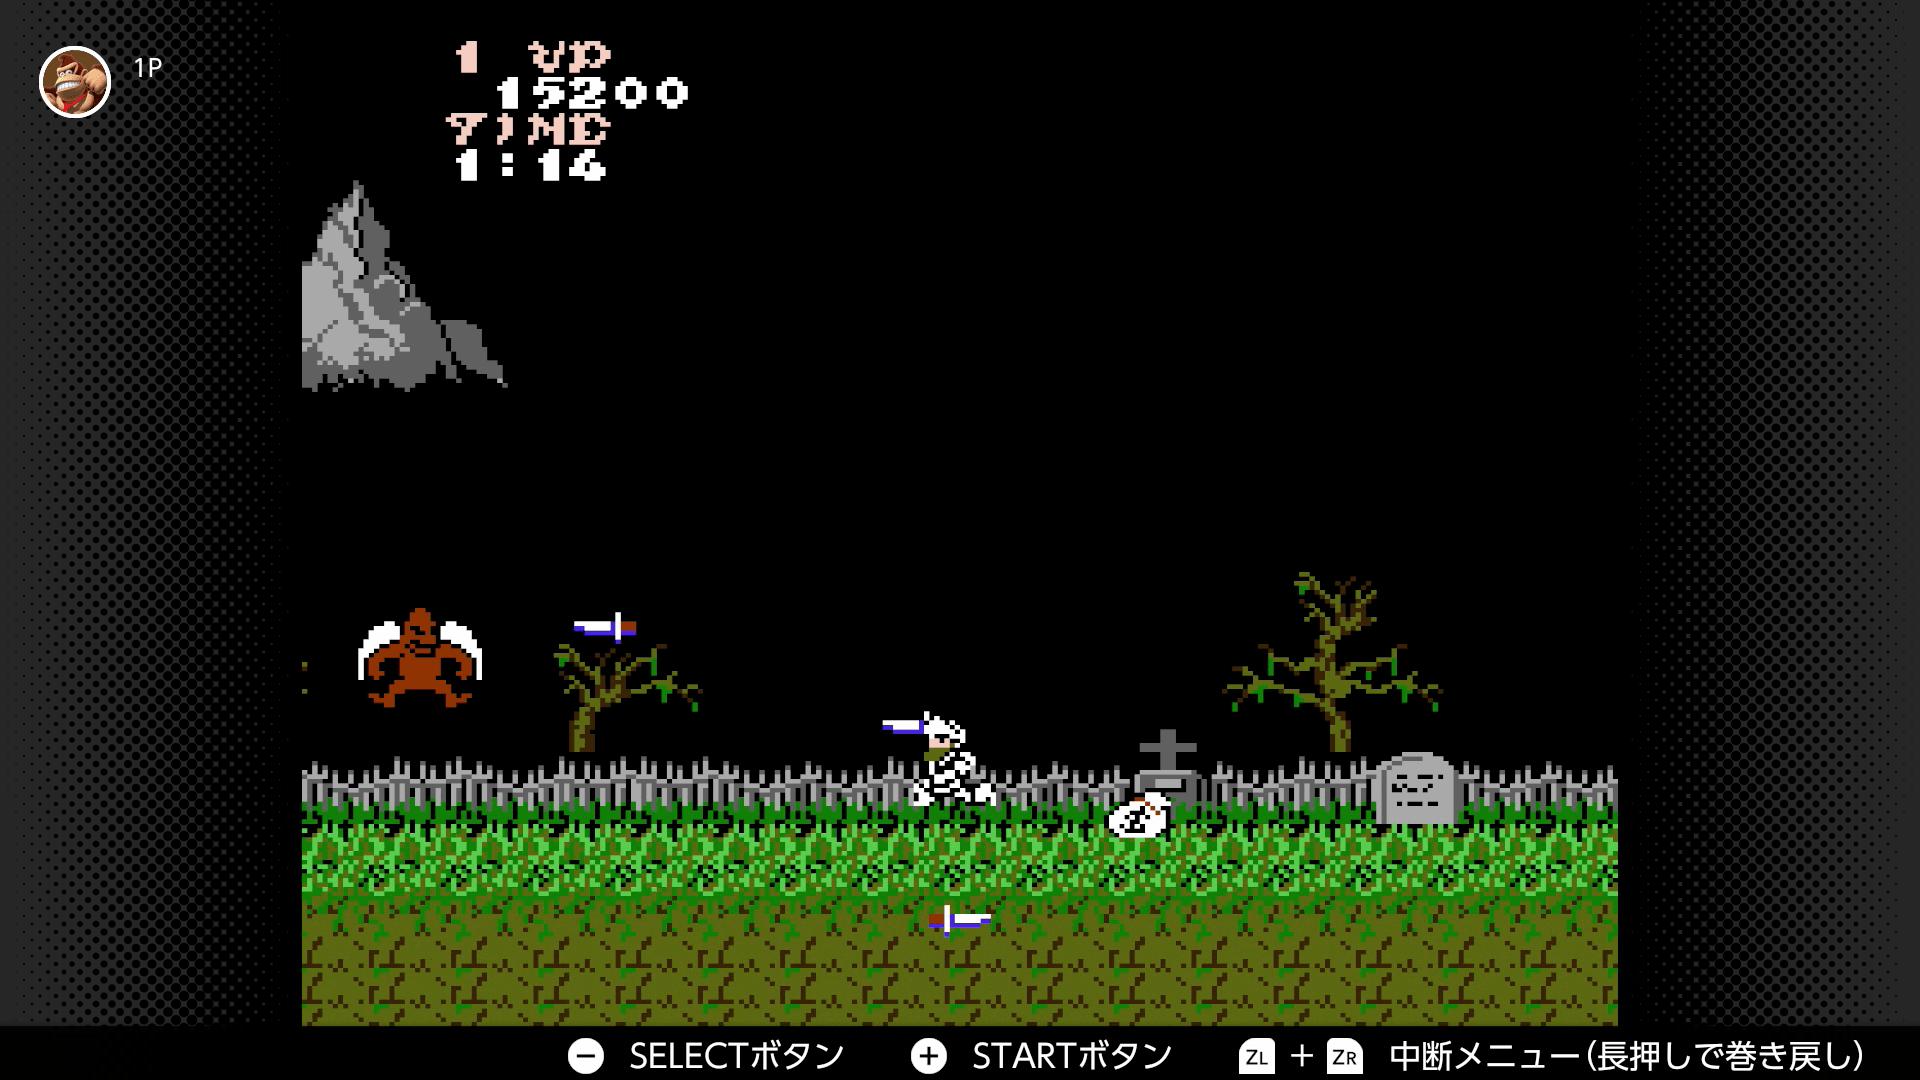 ファミコン版『魔界村』って本当に難しい?「ファミコンを知らぬ世代」がカプコンによる伝説の激ムズゲームに挑戦の画像004